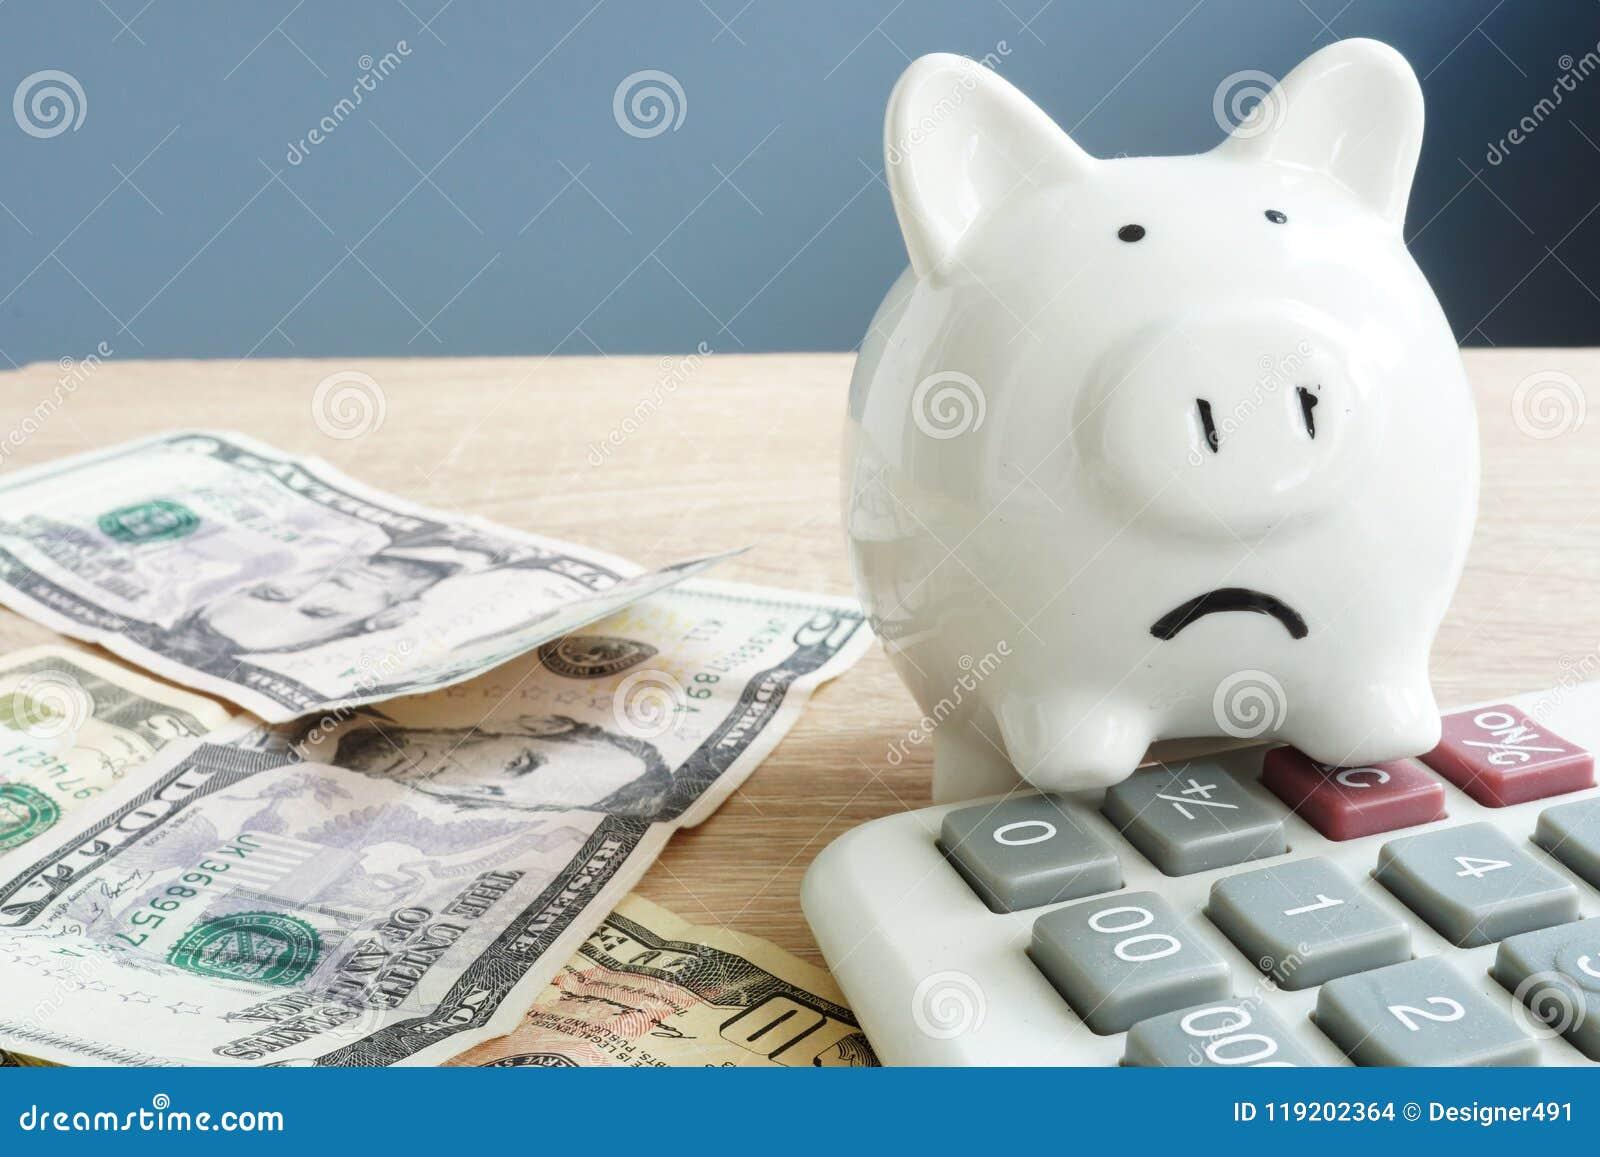 Pieniędzy zmartwienia Nieszczęśliwy prosiątko i few banknoty z kalkulatorem Problemy z pieniądze